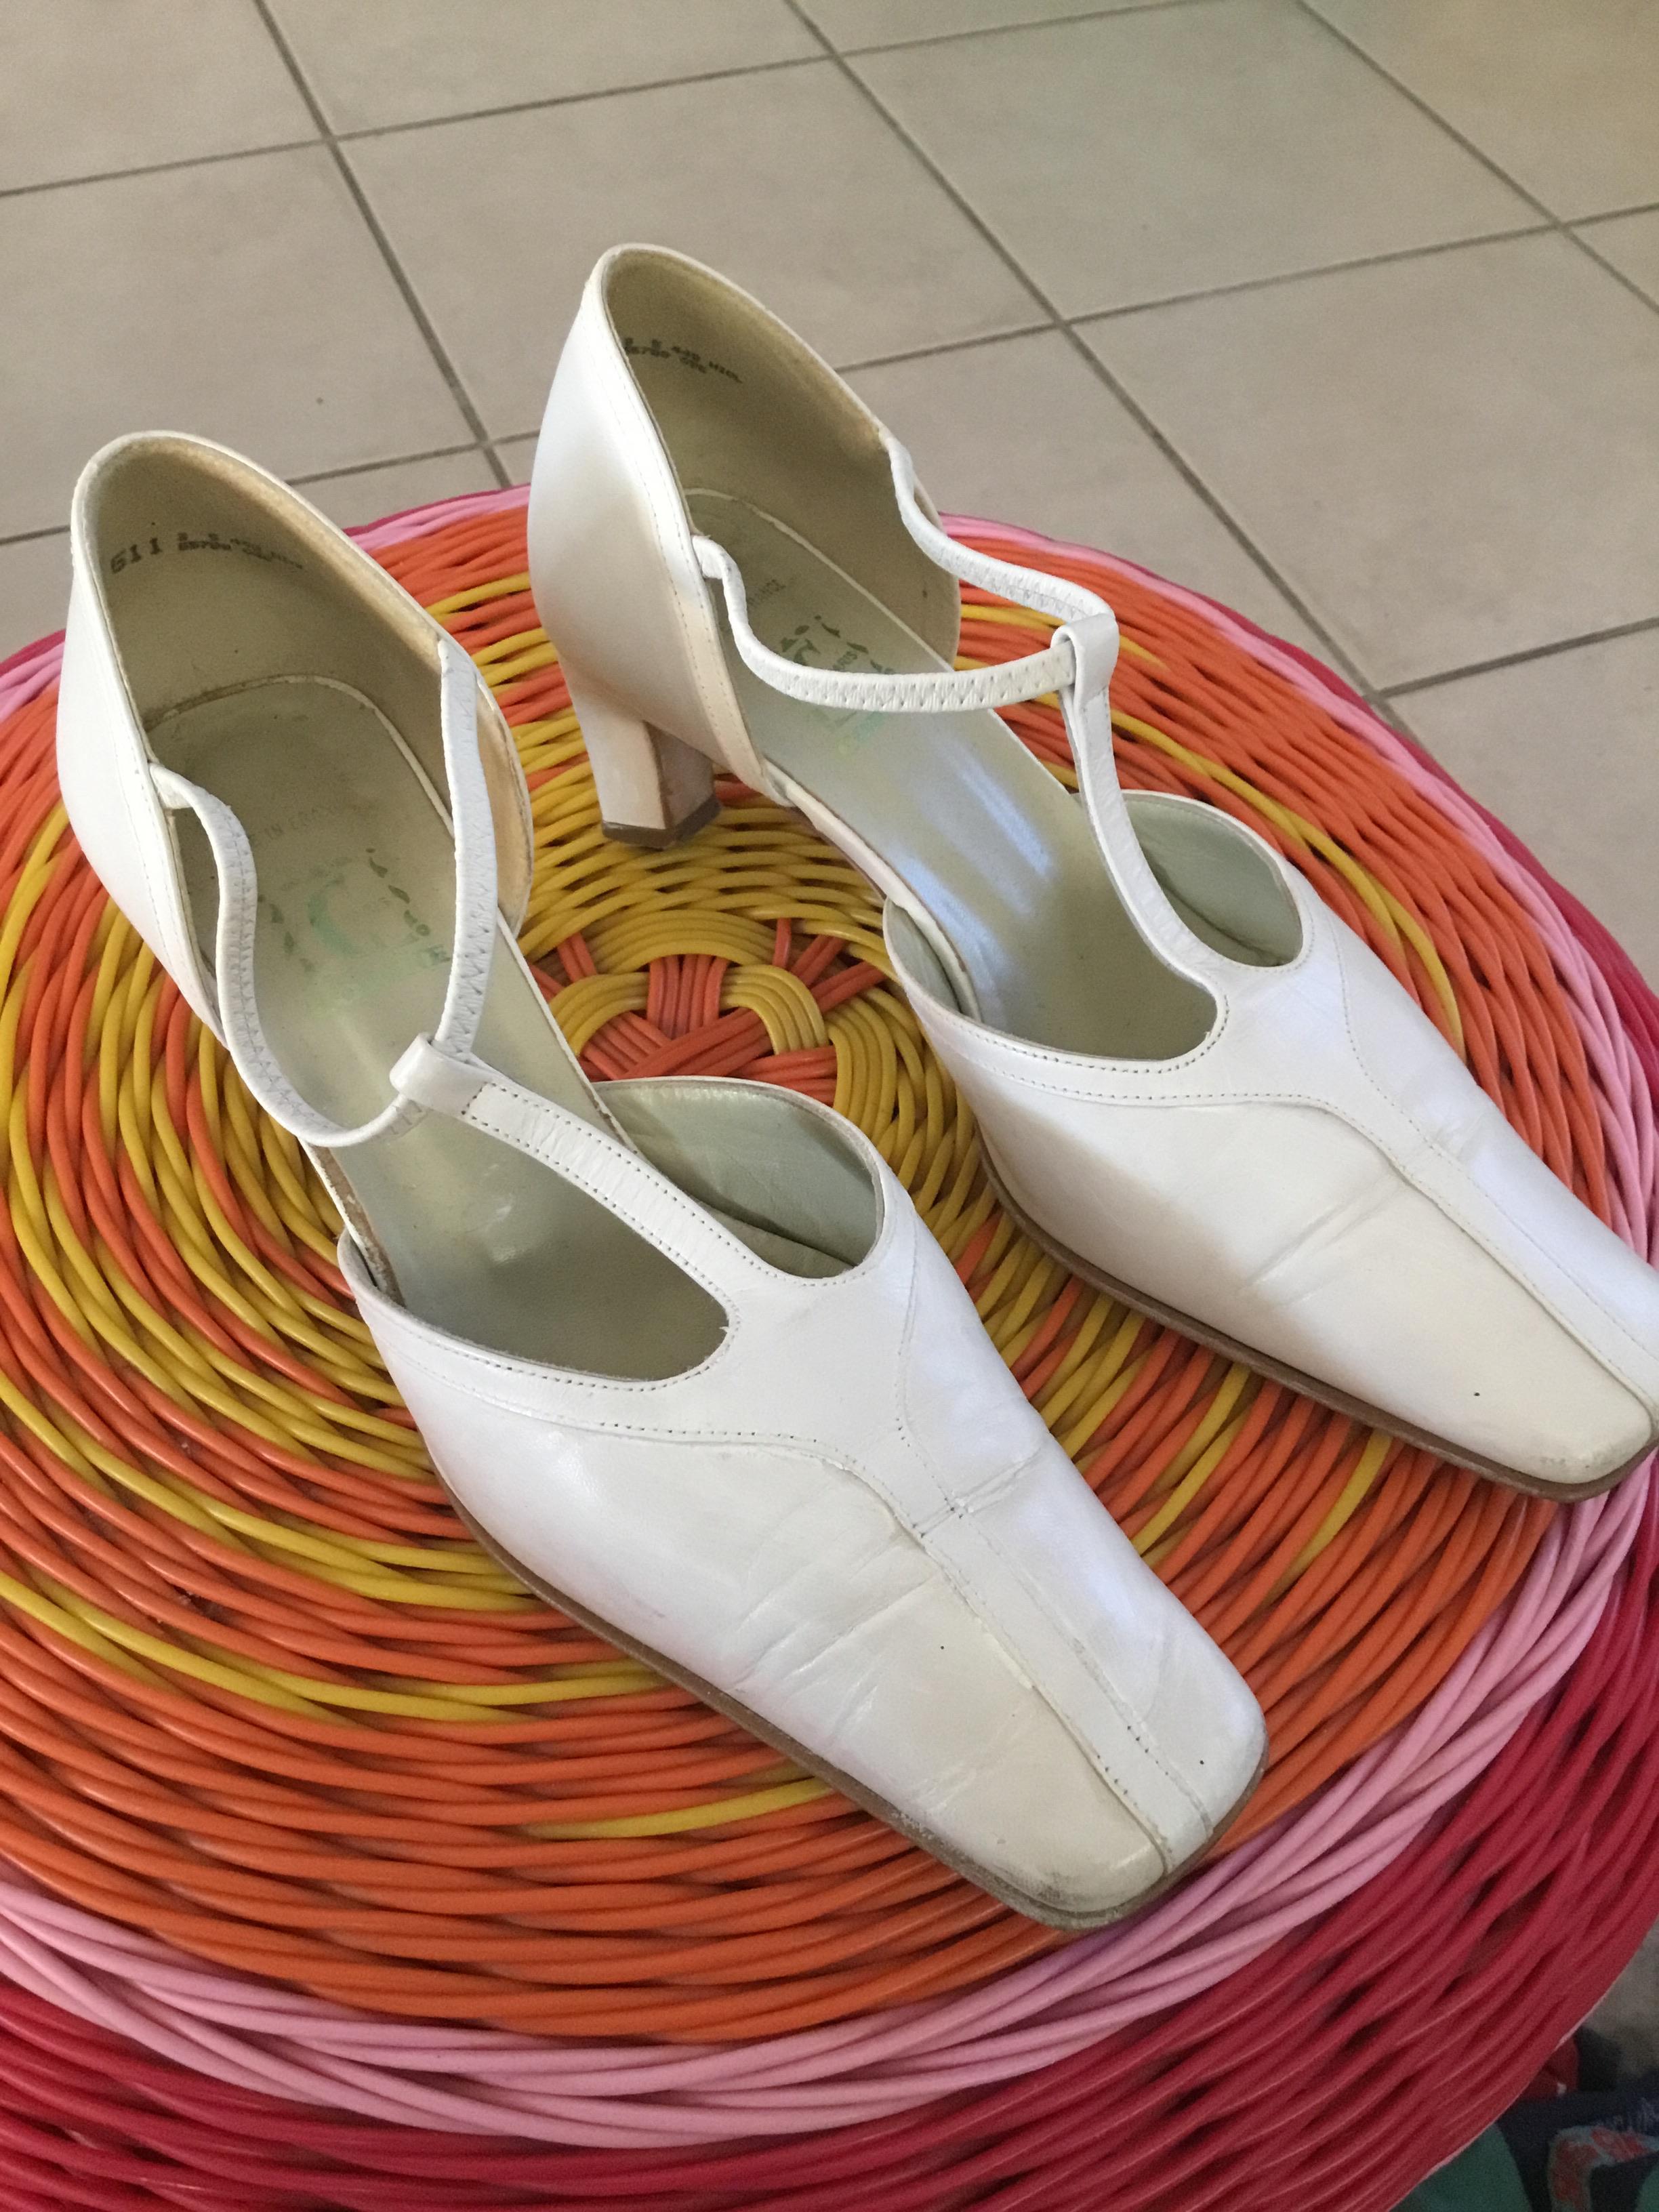 troc de troc donne chaussures femme à talons élégantes pointure 37 image 1